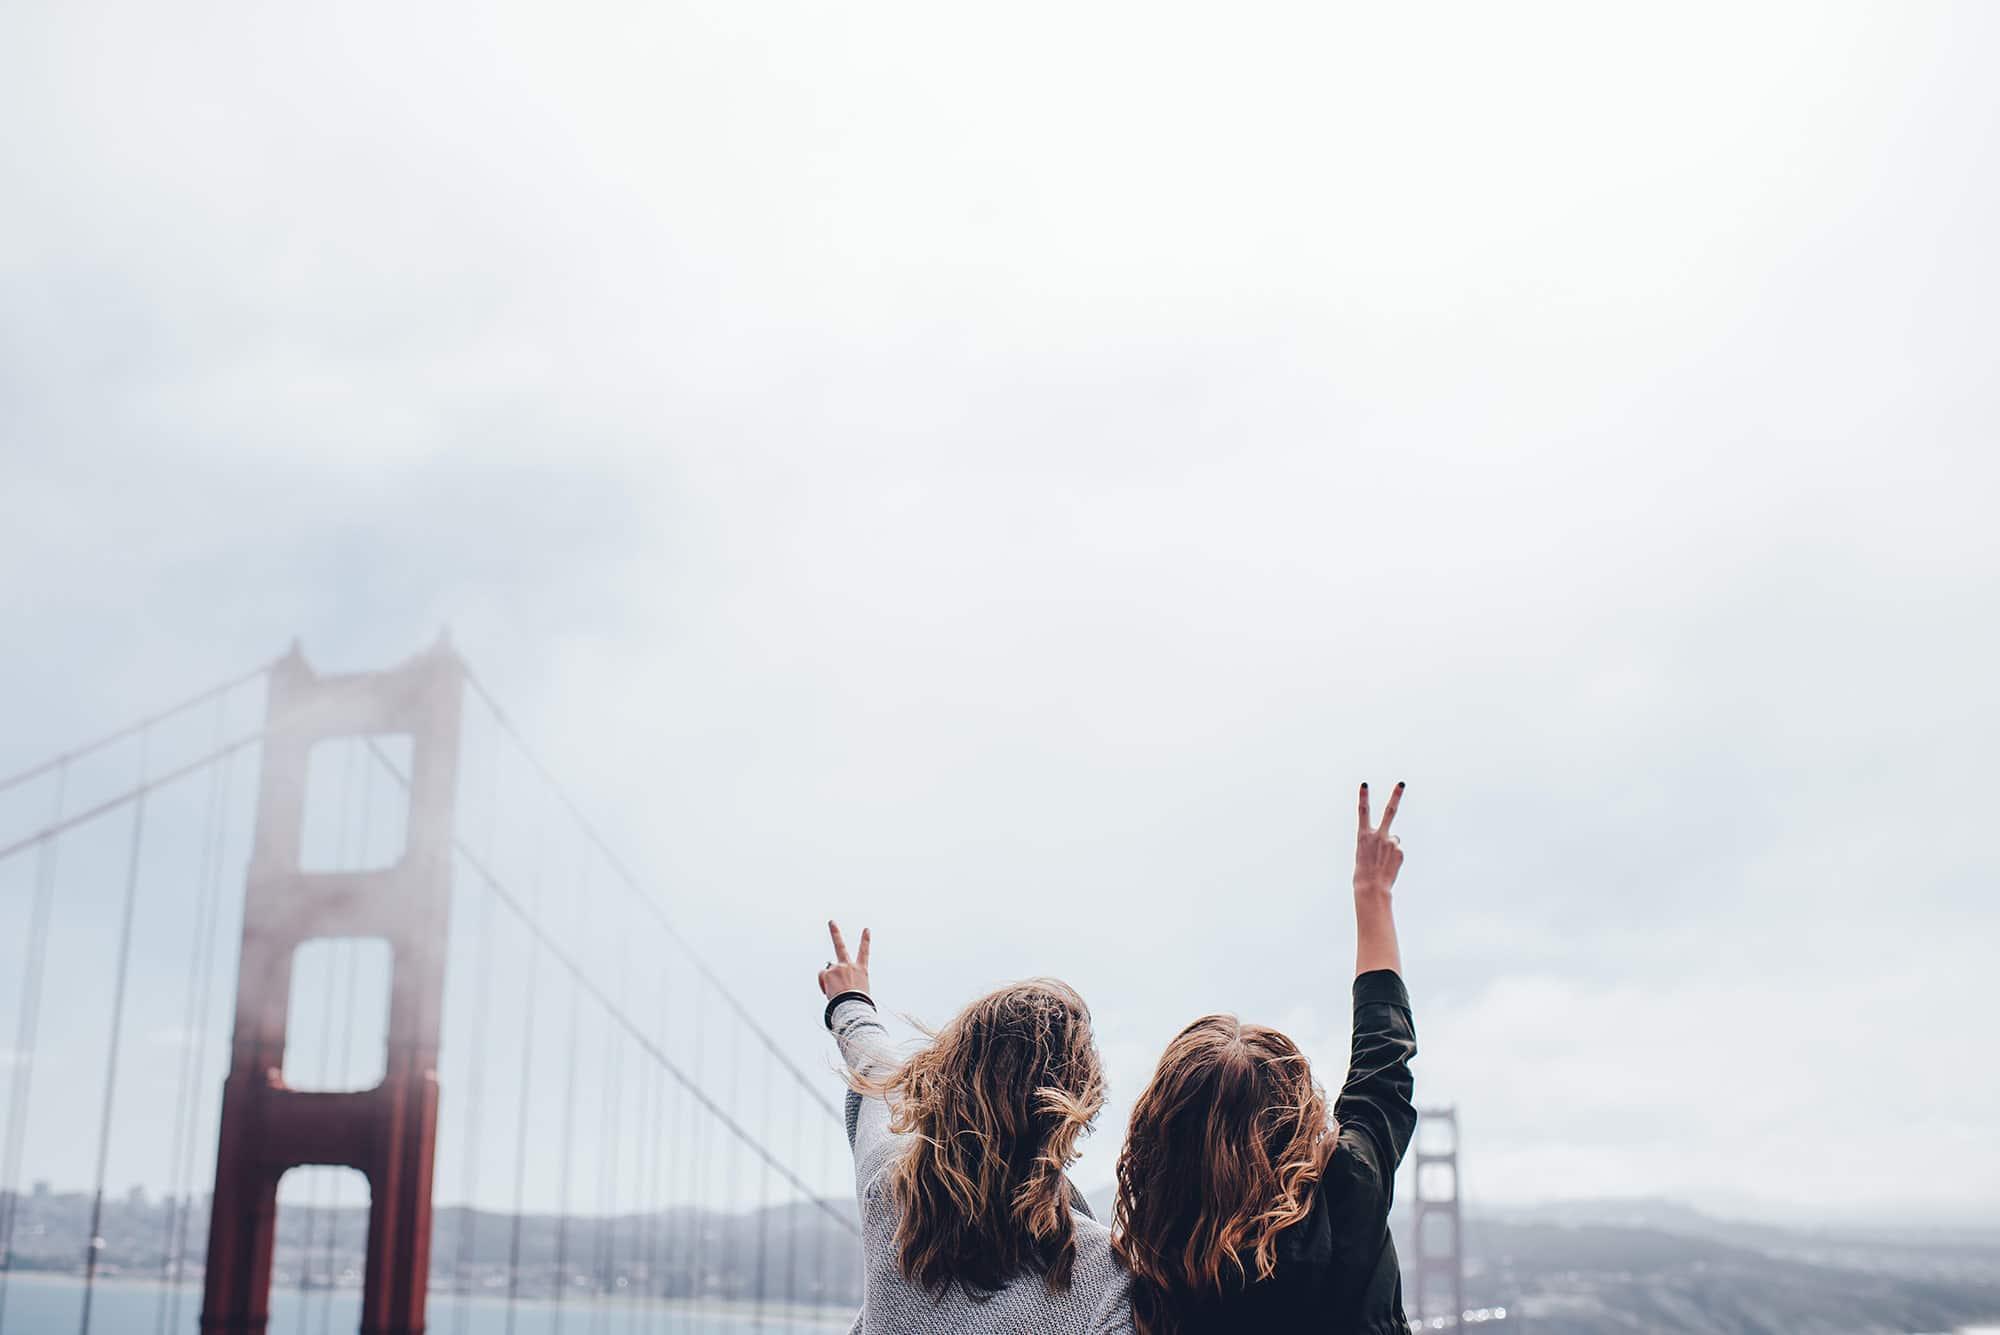 Meet To Travel: réseau social pour rencontrer d'autres voyageurs | Km